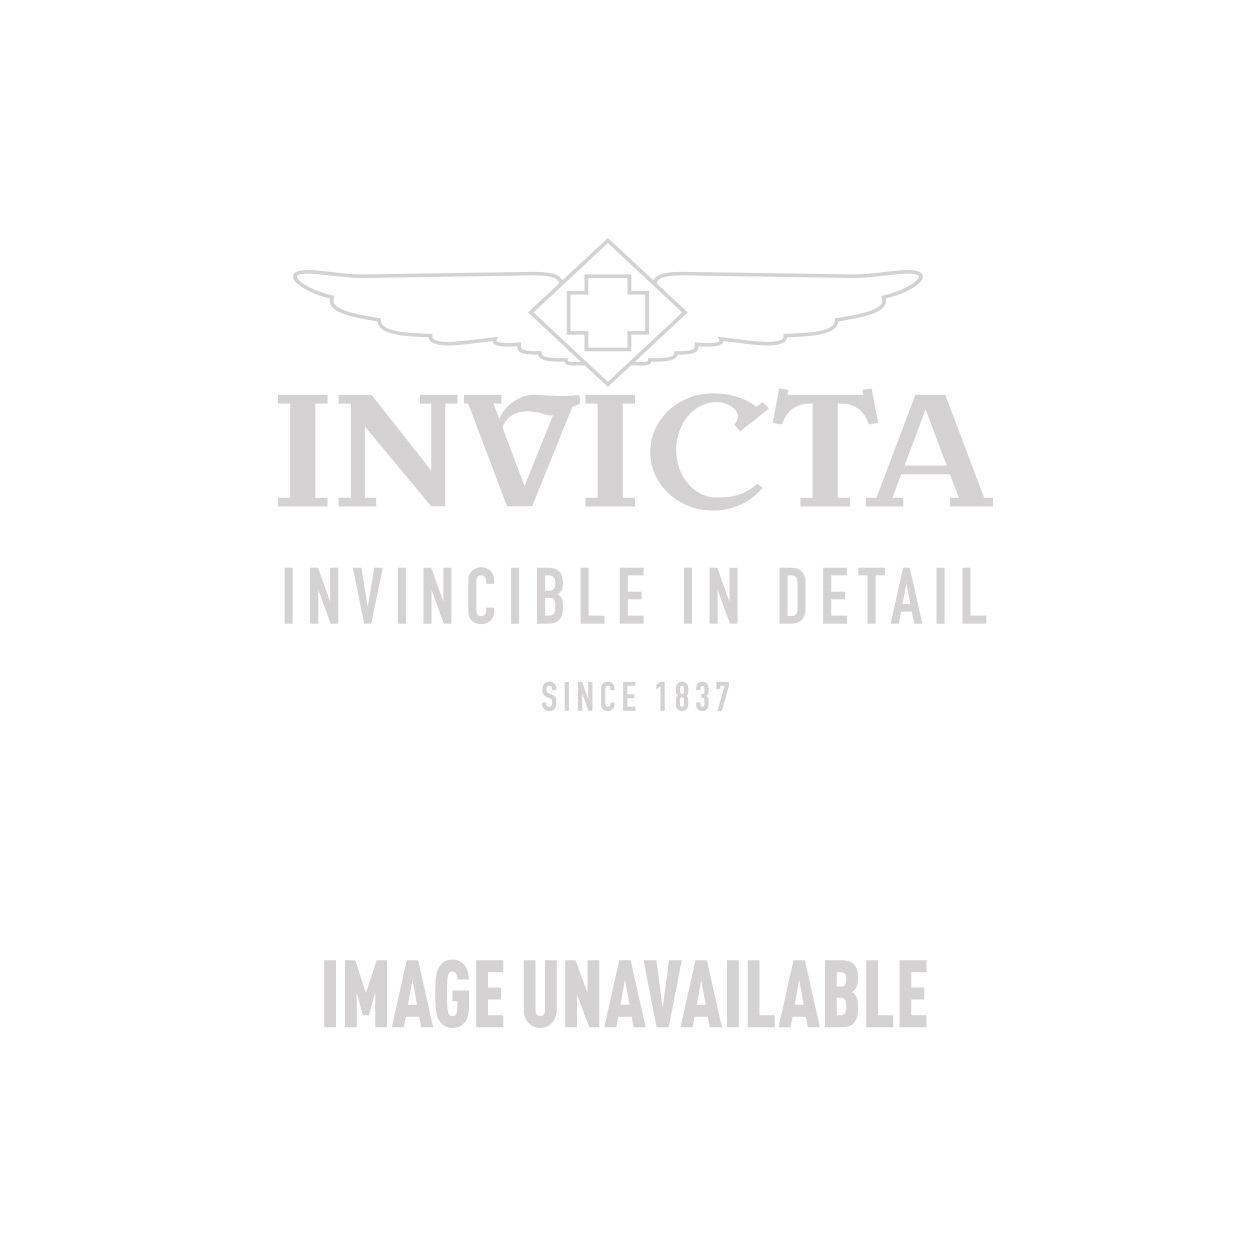 Invicta Model 25478